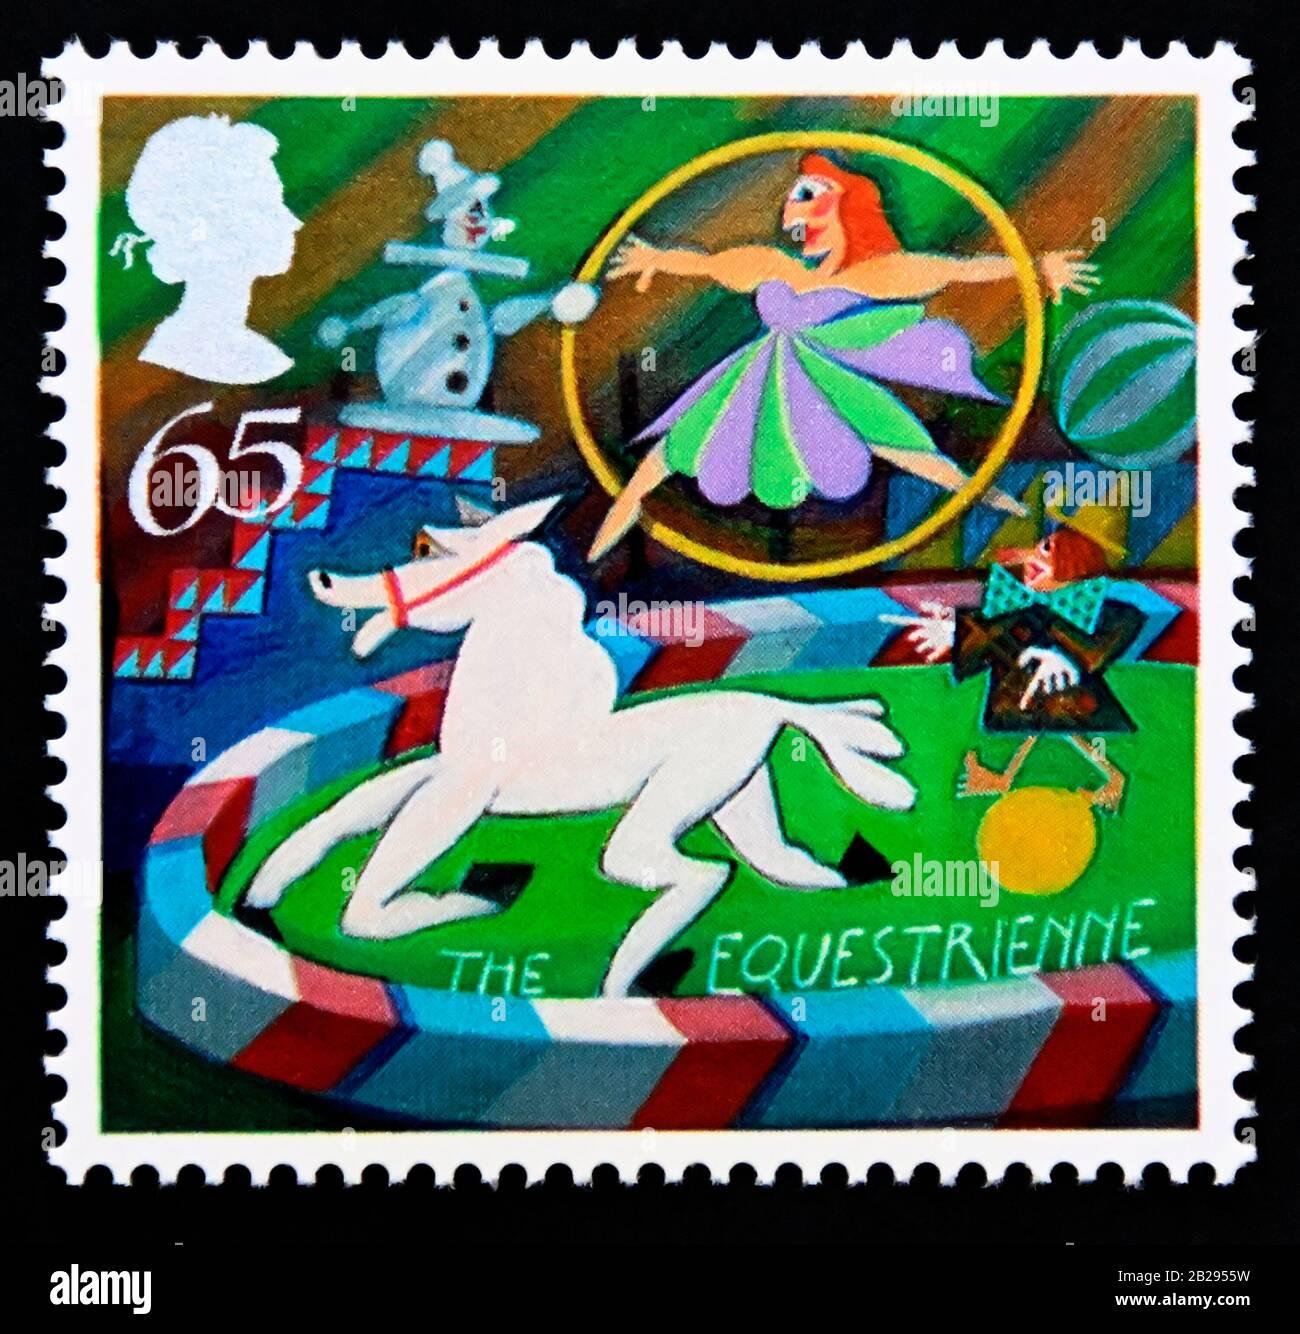 Timbre-poste. Grande-Bretagne. La reine Elizabeth II Europa. Cirque. L'Équestrienne. 65 p. 2002. Banque D'Images